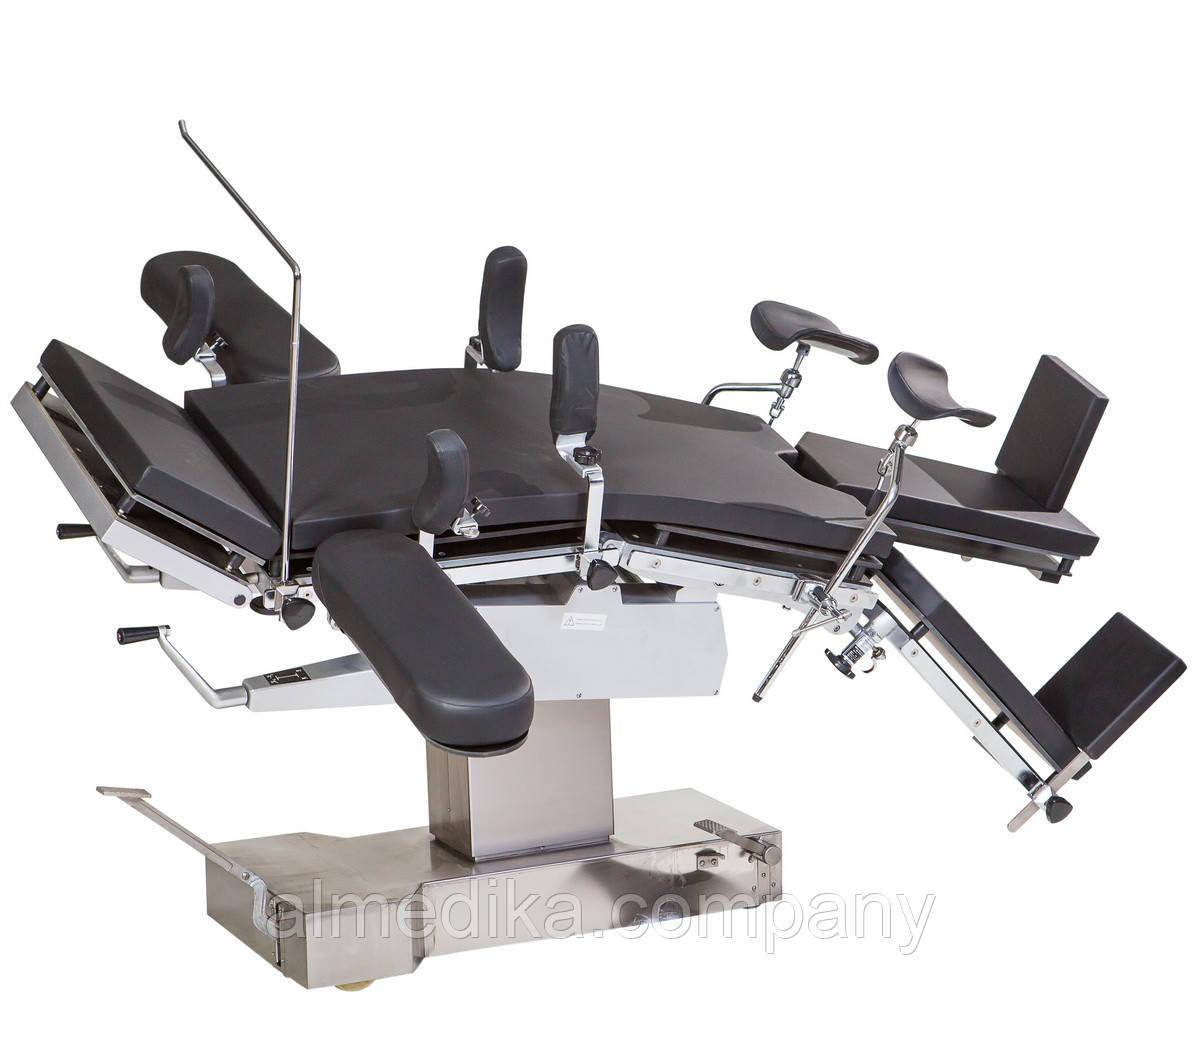 Стол операционный МТ300  (универсальный, механико-гидравлический, рентгенопрозрачный)